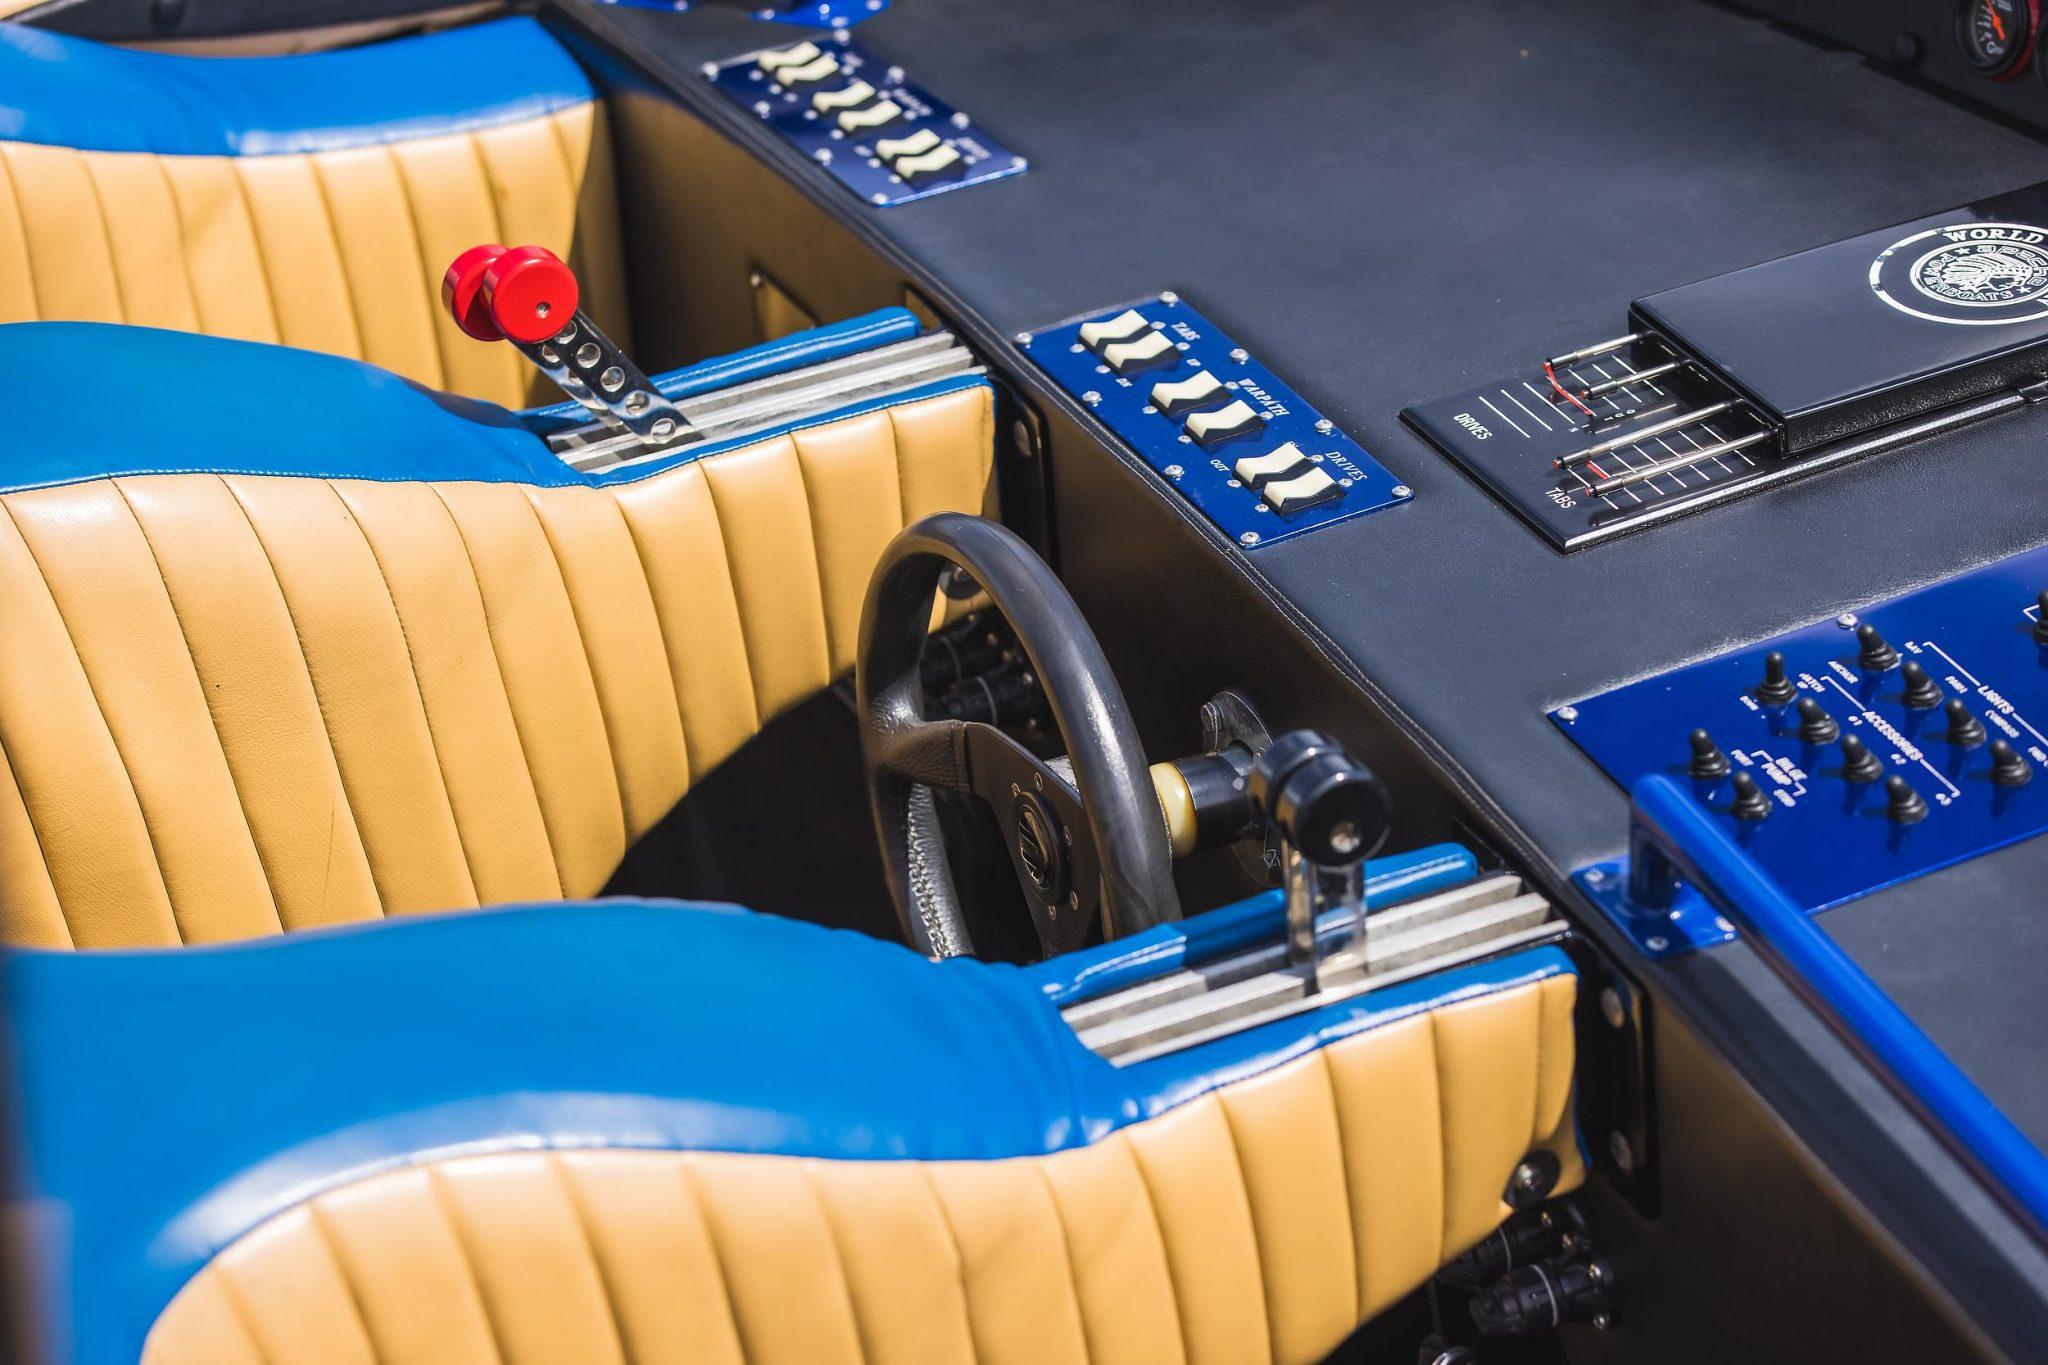 1984 Apache Offshore Powerboat Warpath steering wheel